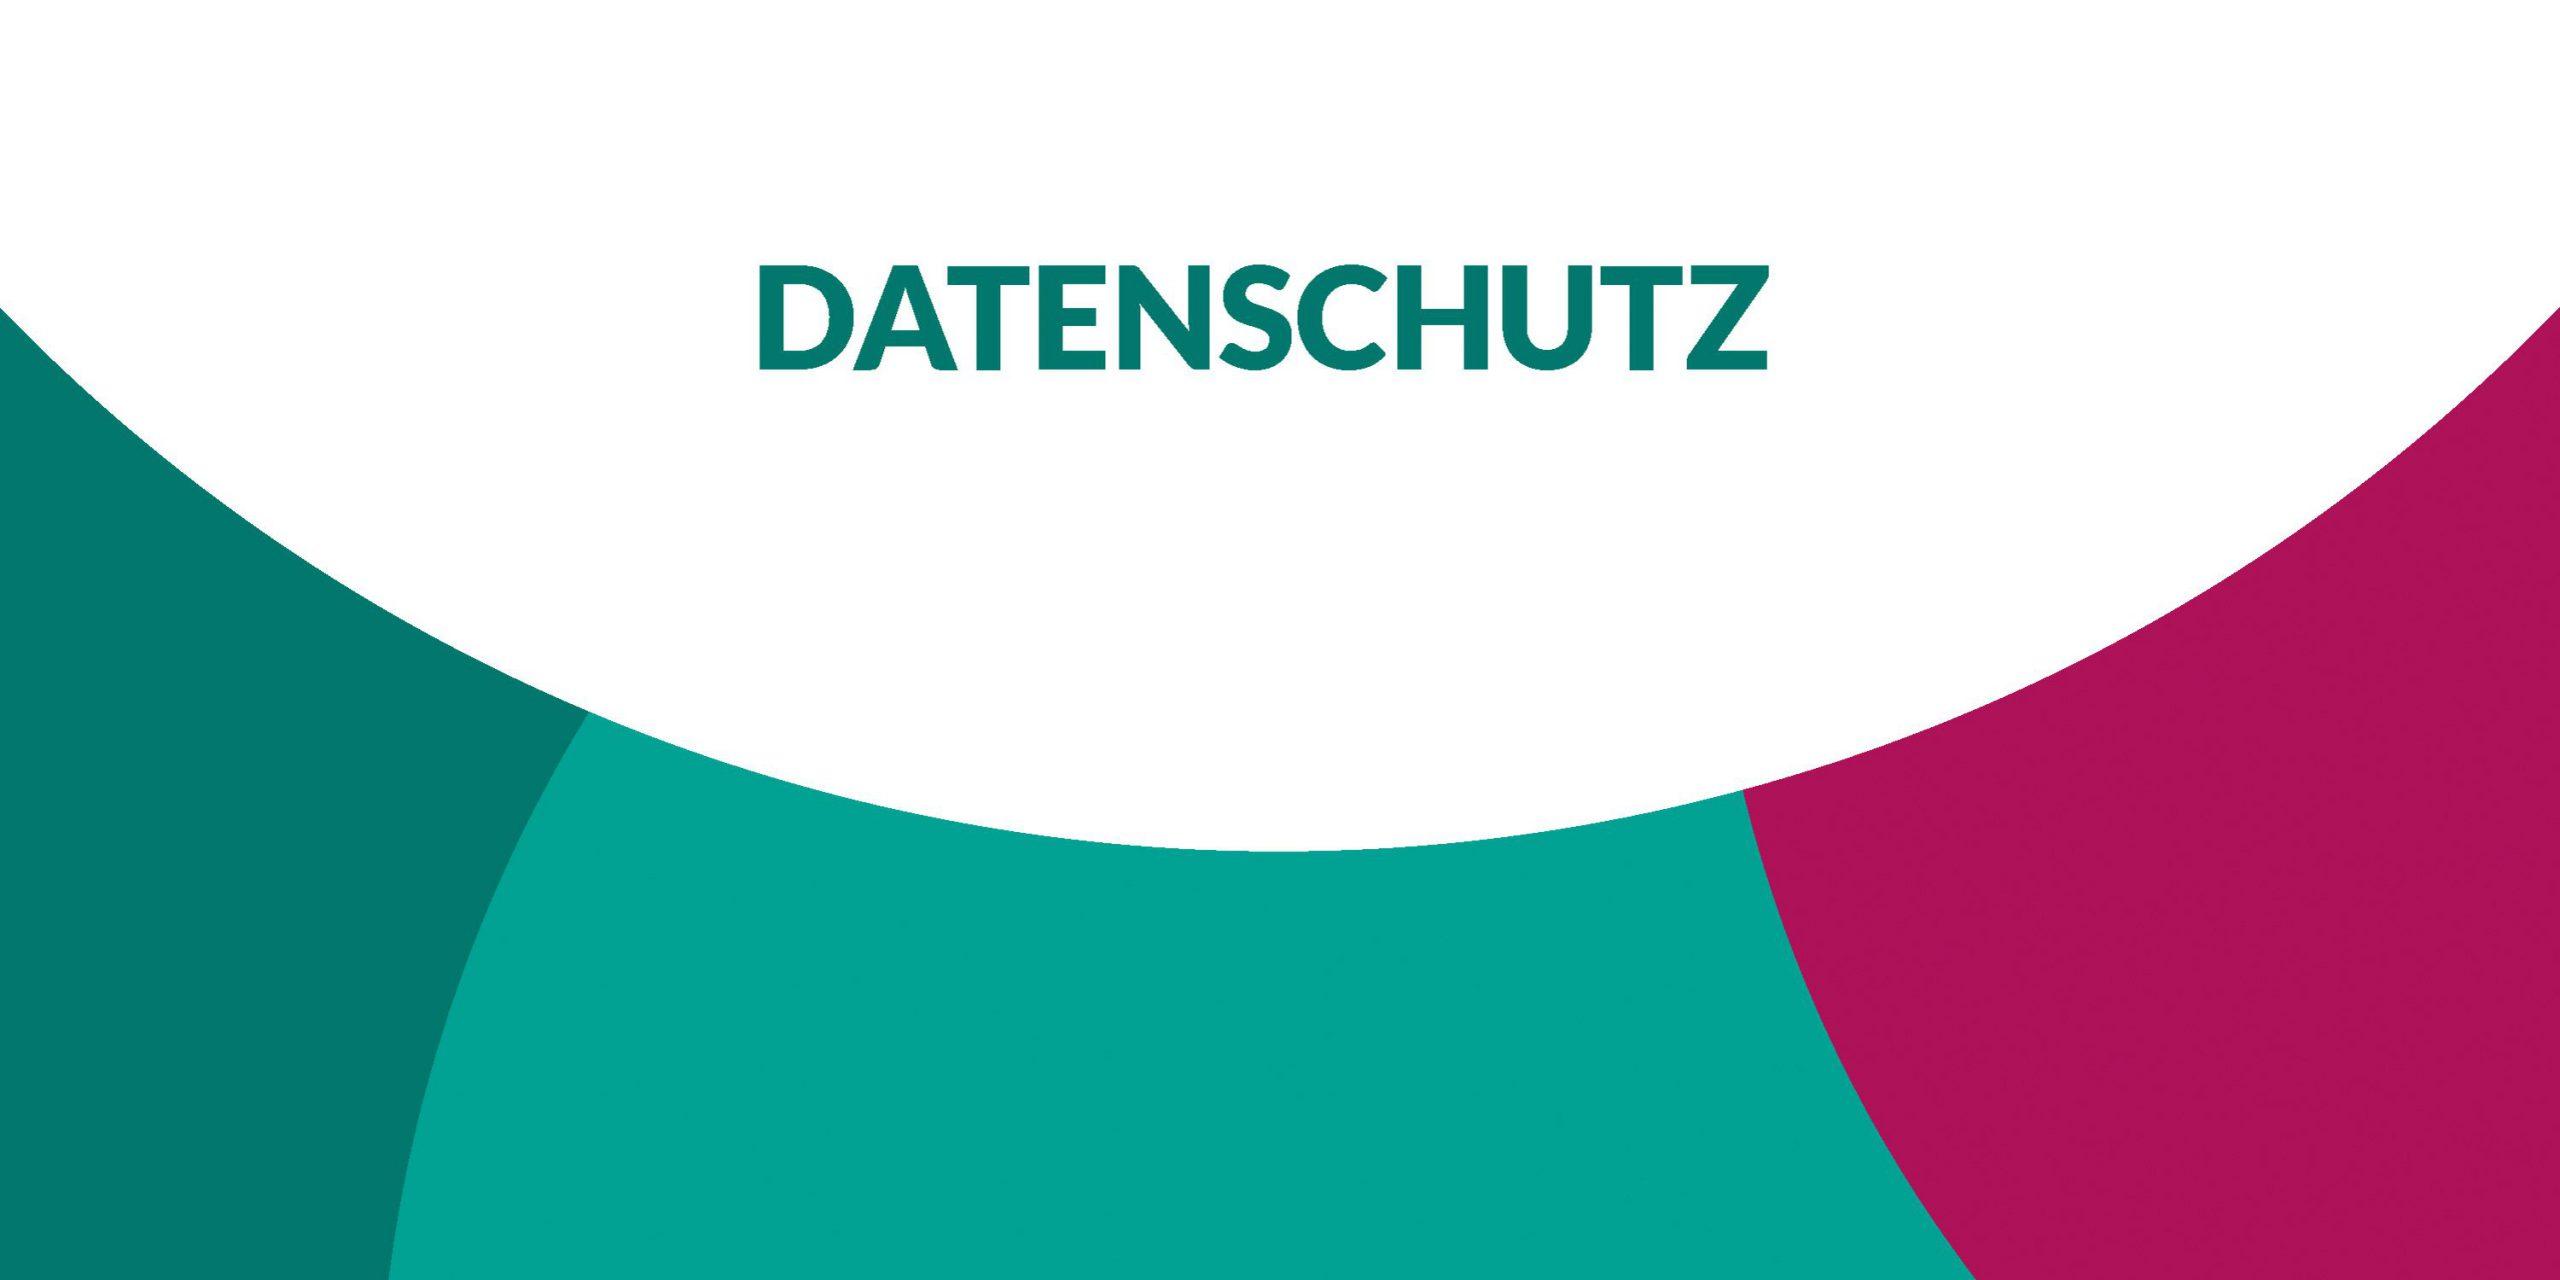 Kopf Datenschutz uns Frauenzentrum Bautzen